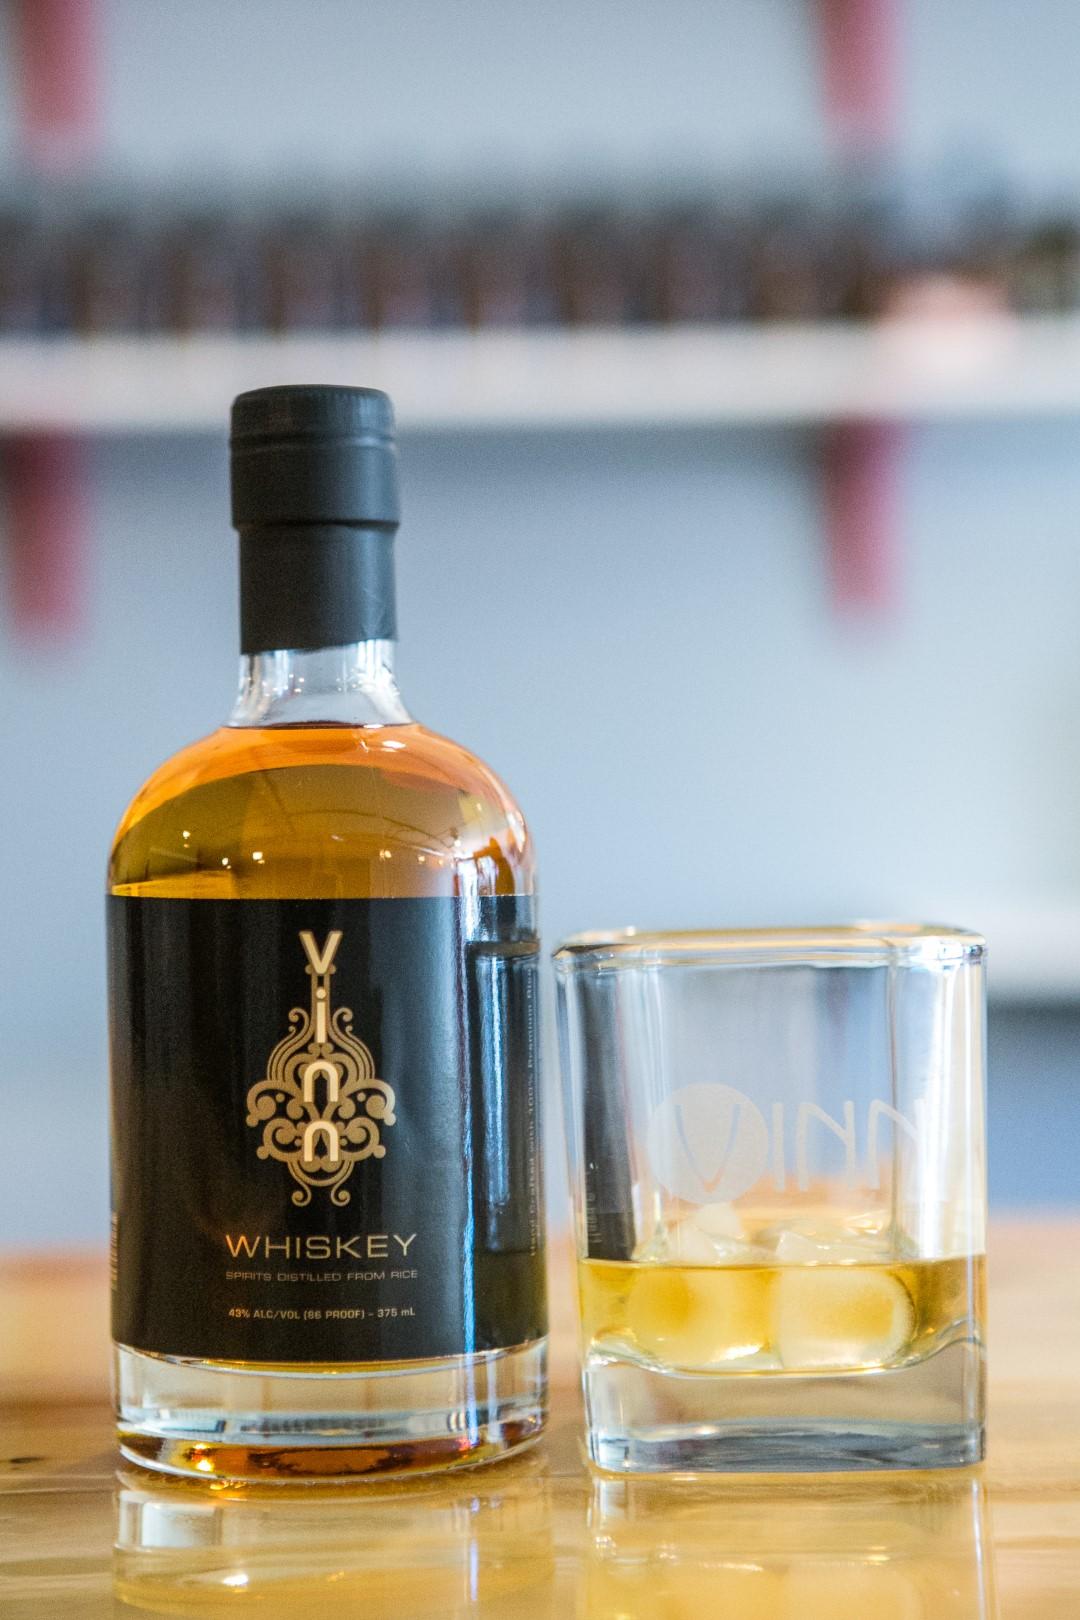 Vinn Distillery Whiskey